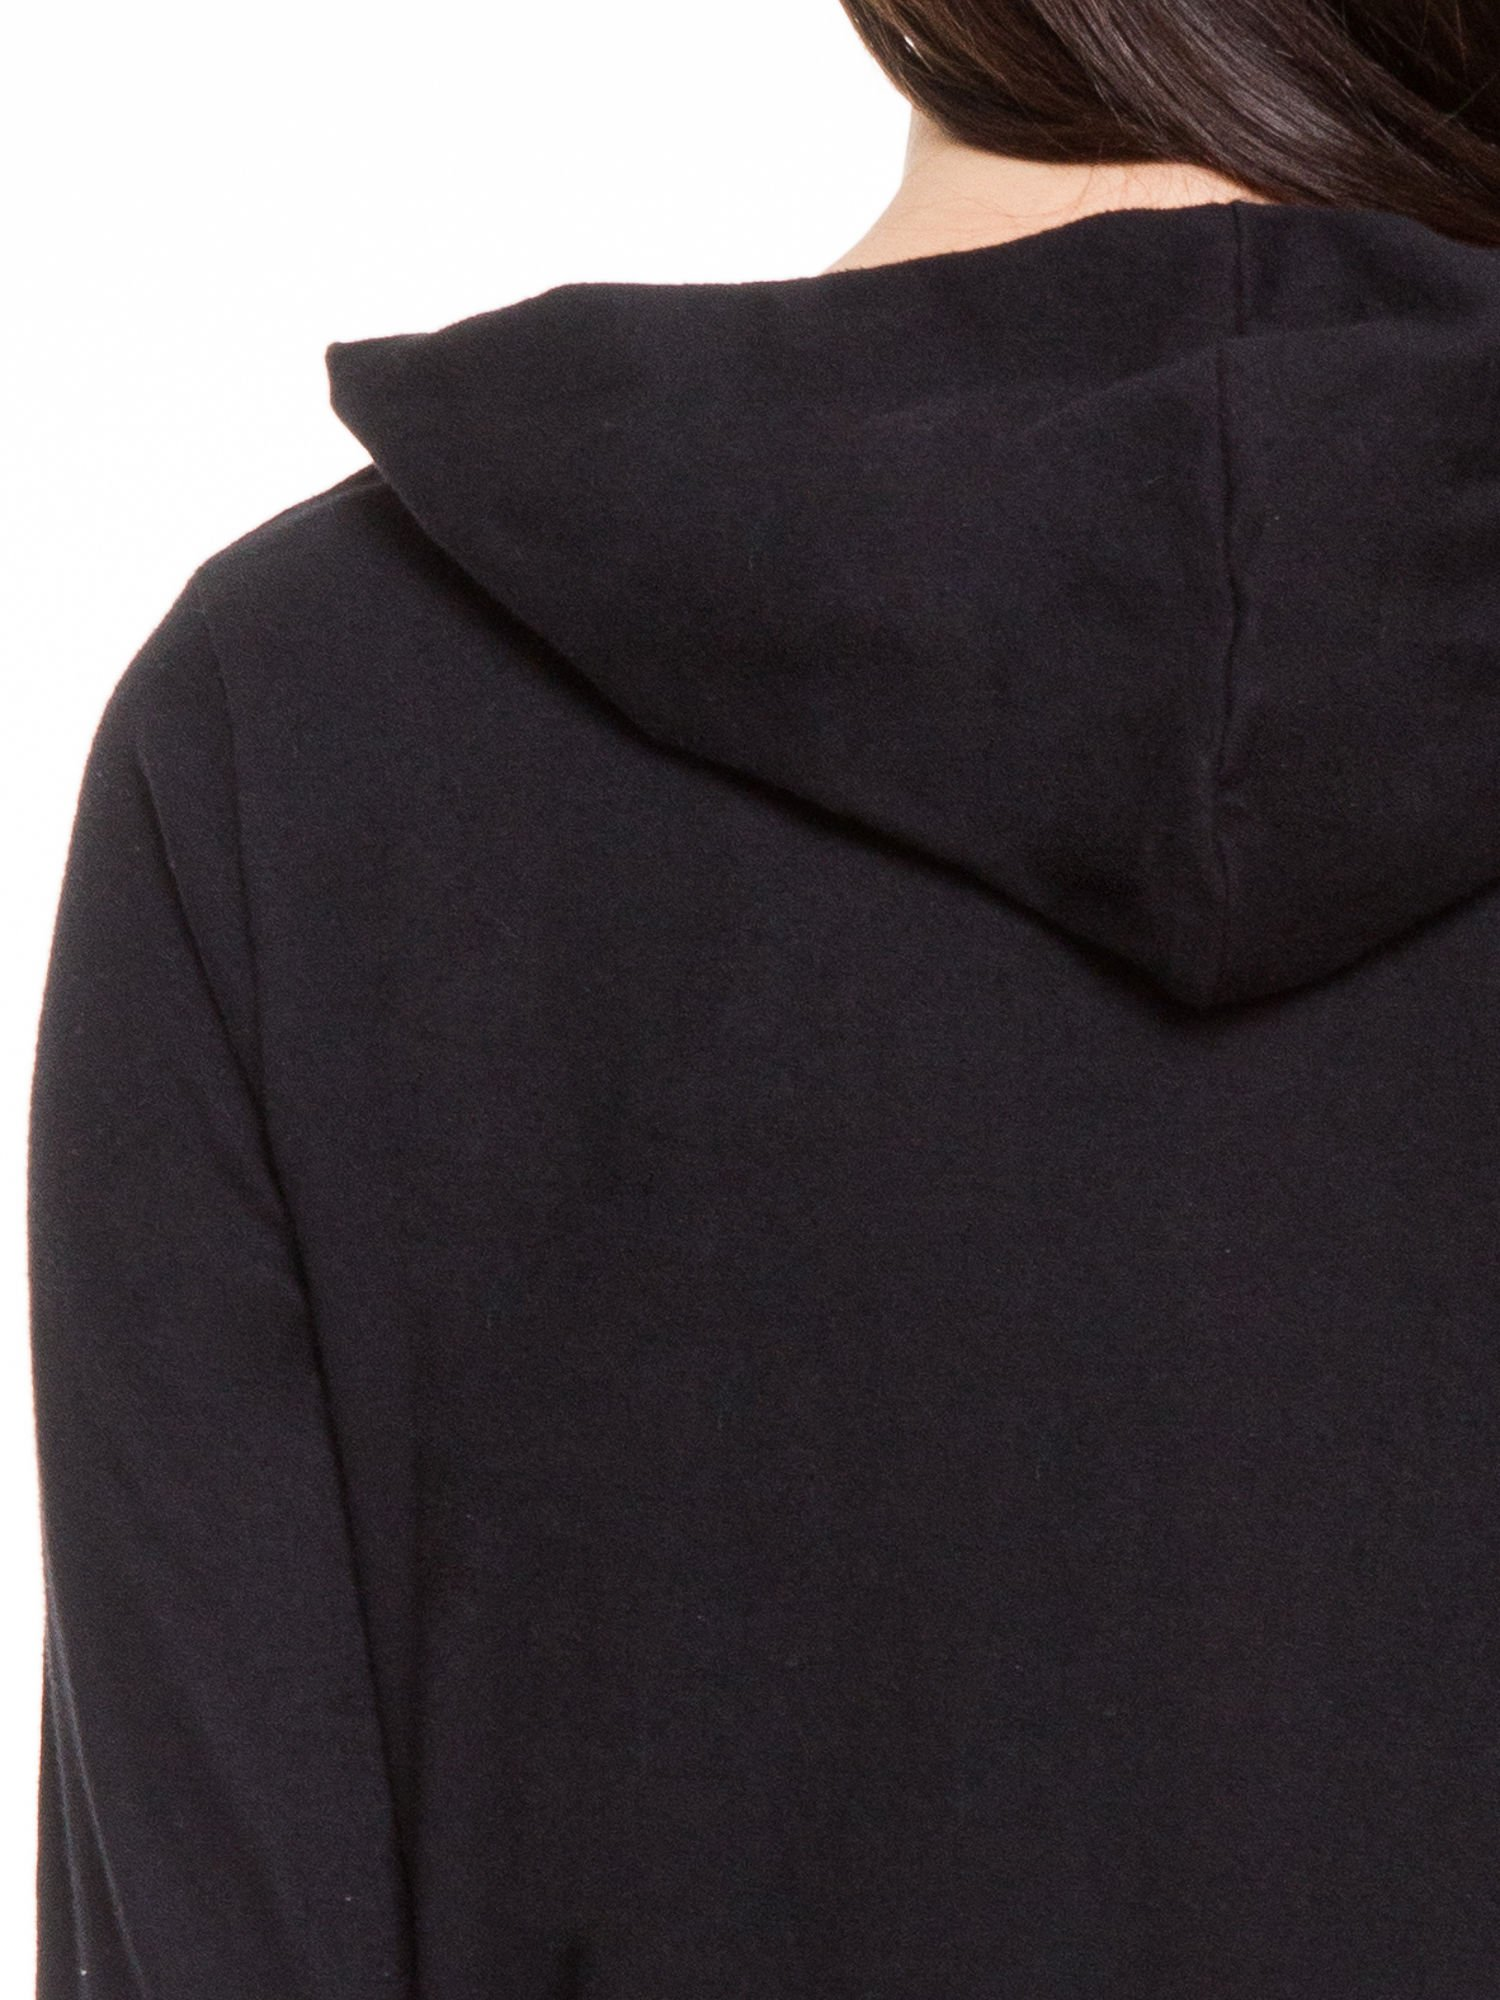 Czarna otwarta bluza dresowa z kapturem                                  zdj.                                  6